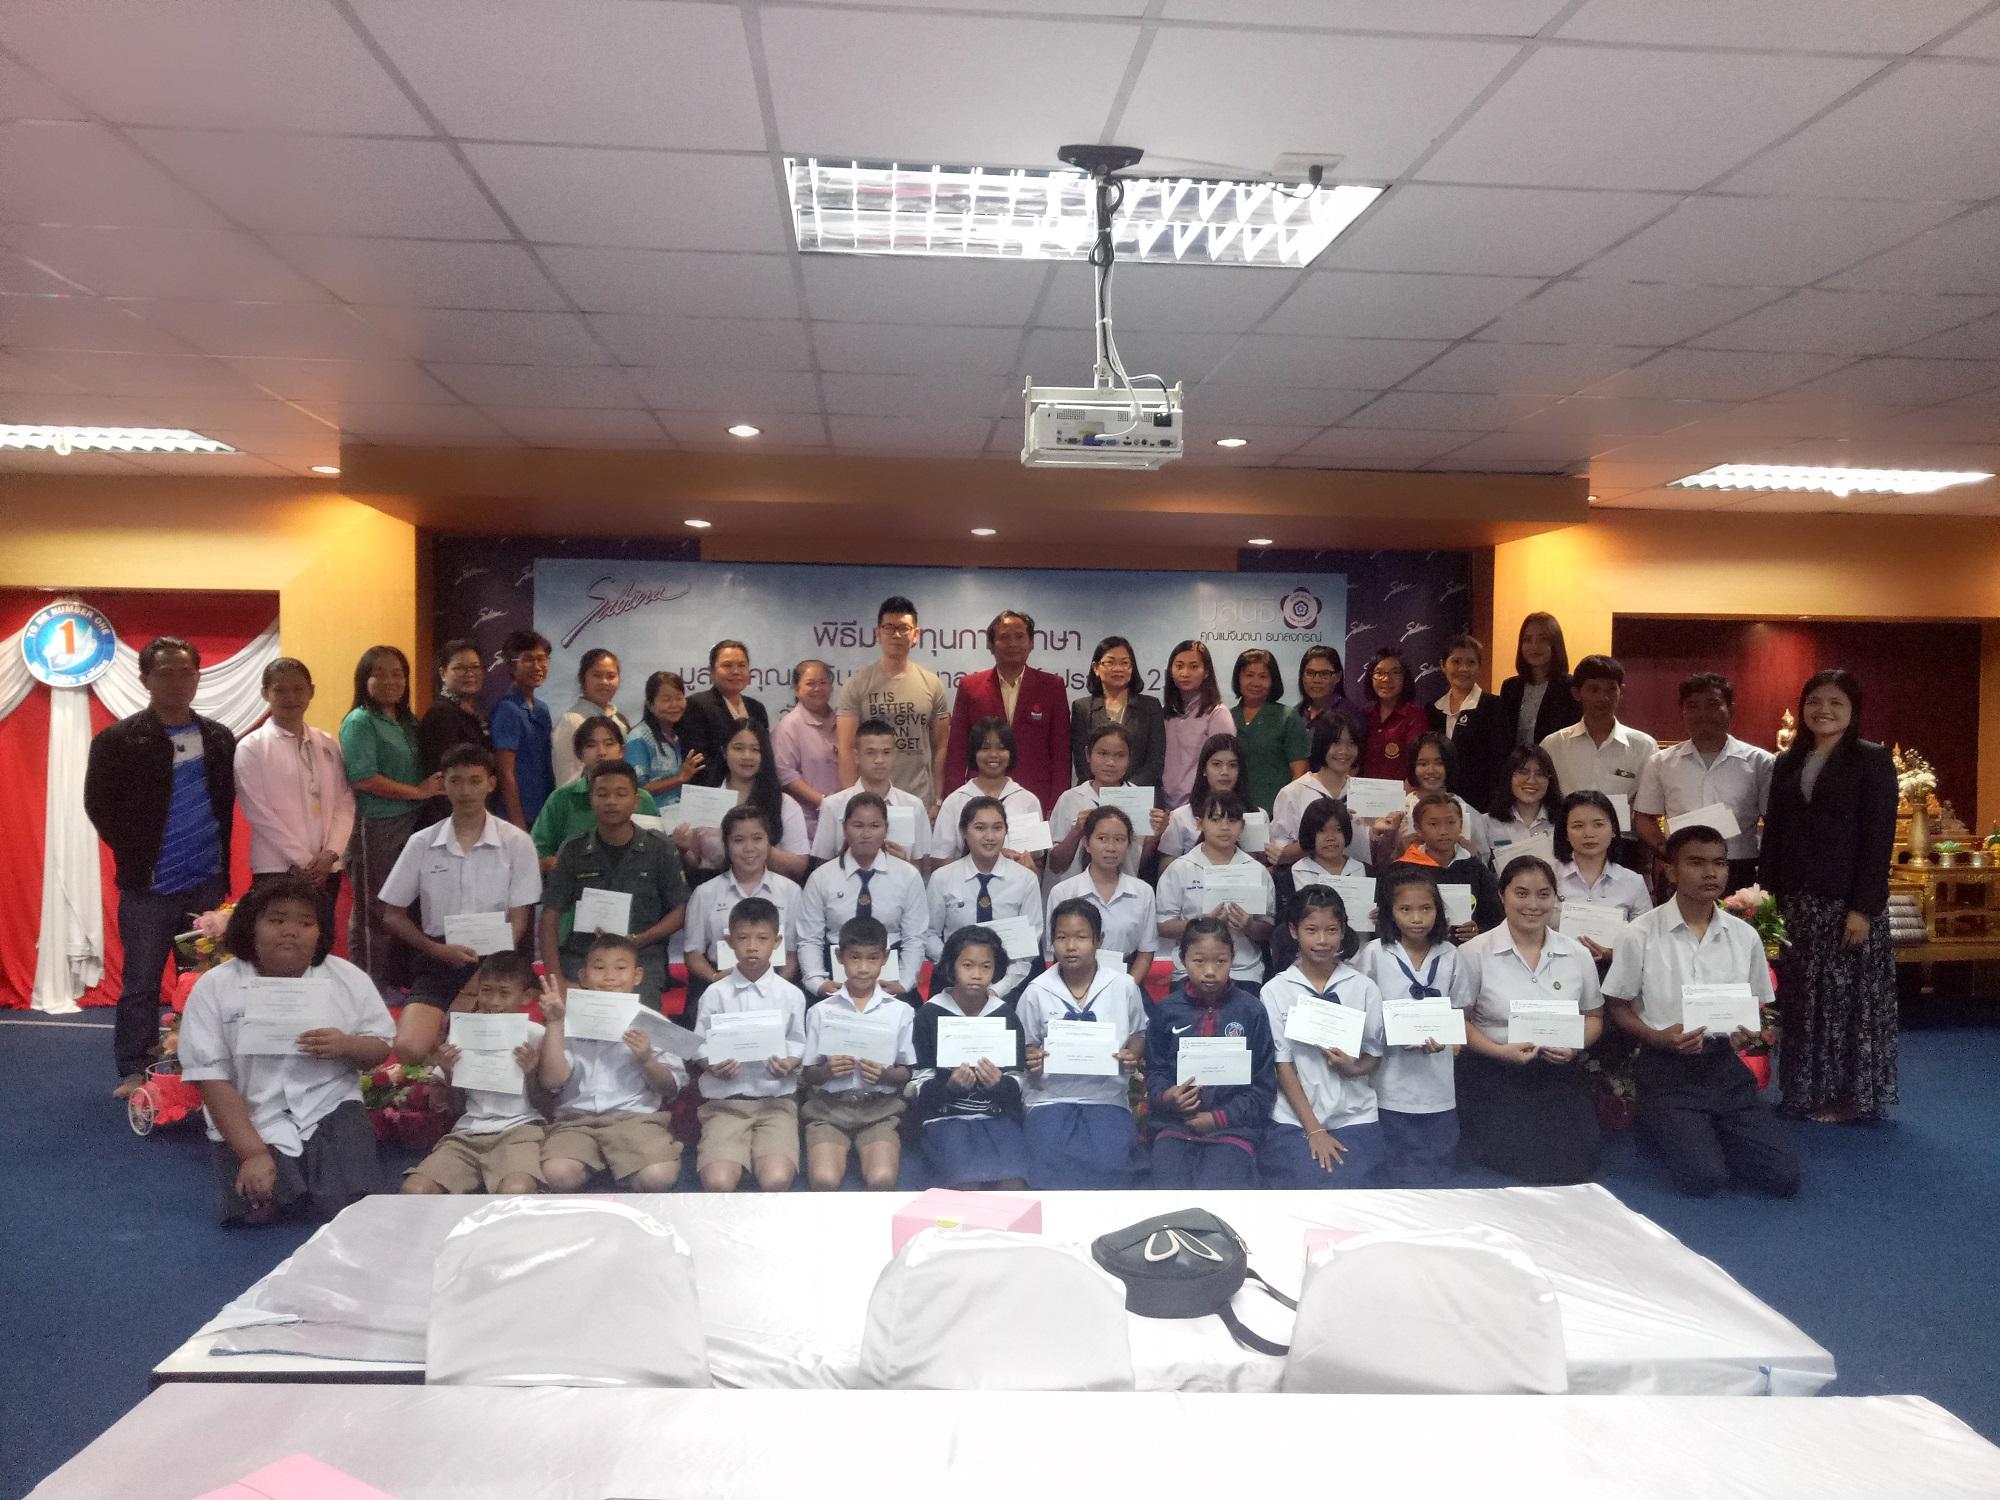 บริษัท ซาบีน่า จำกัด (มหาชน) มอบทุนการศึกษาให้กับเด็กเรียนดีและยากจน ภายใต้ มูลนิธิ จินตนา ธนาลงกรณ์ เป็นประจำทุกๆปี